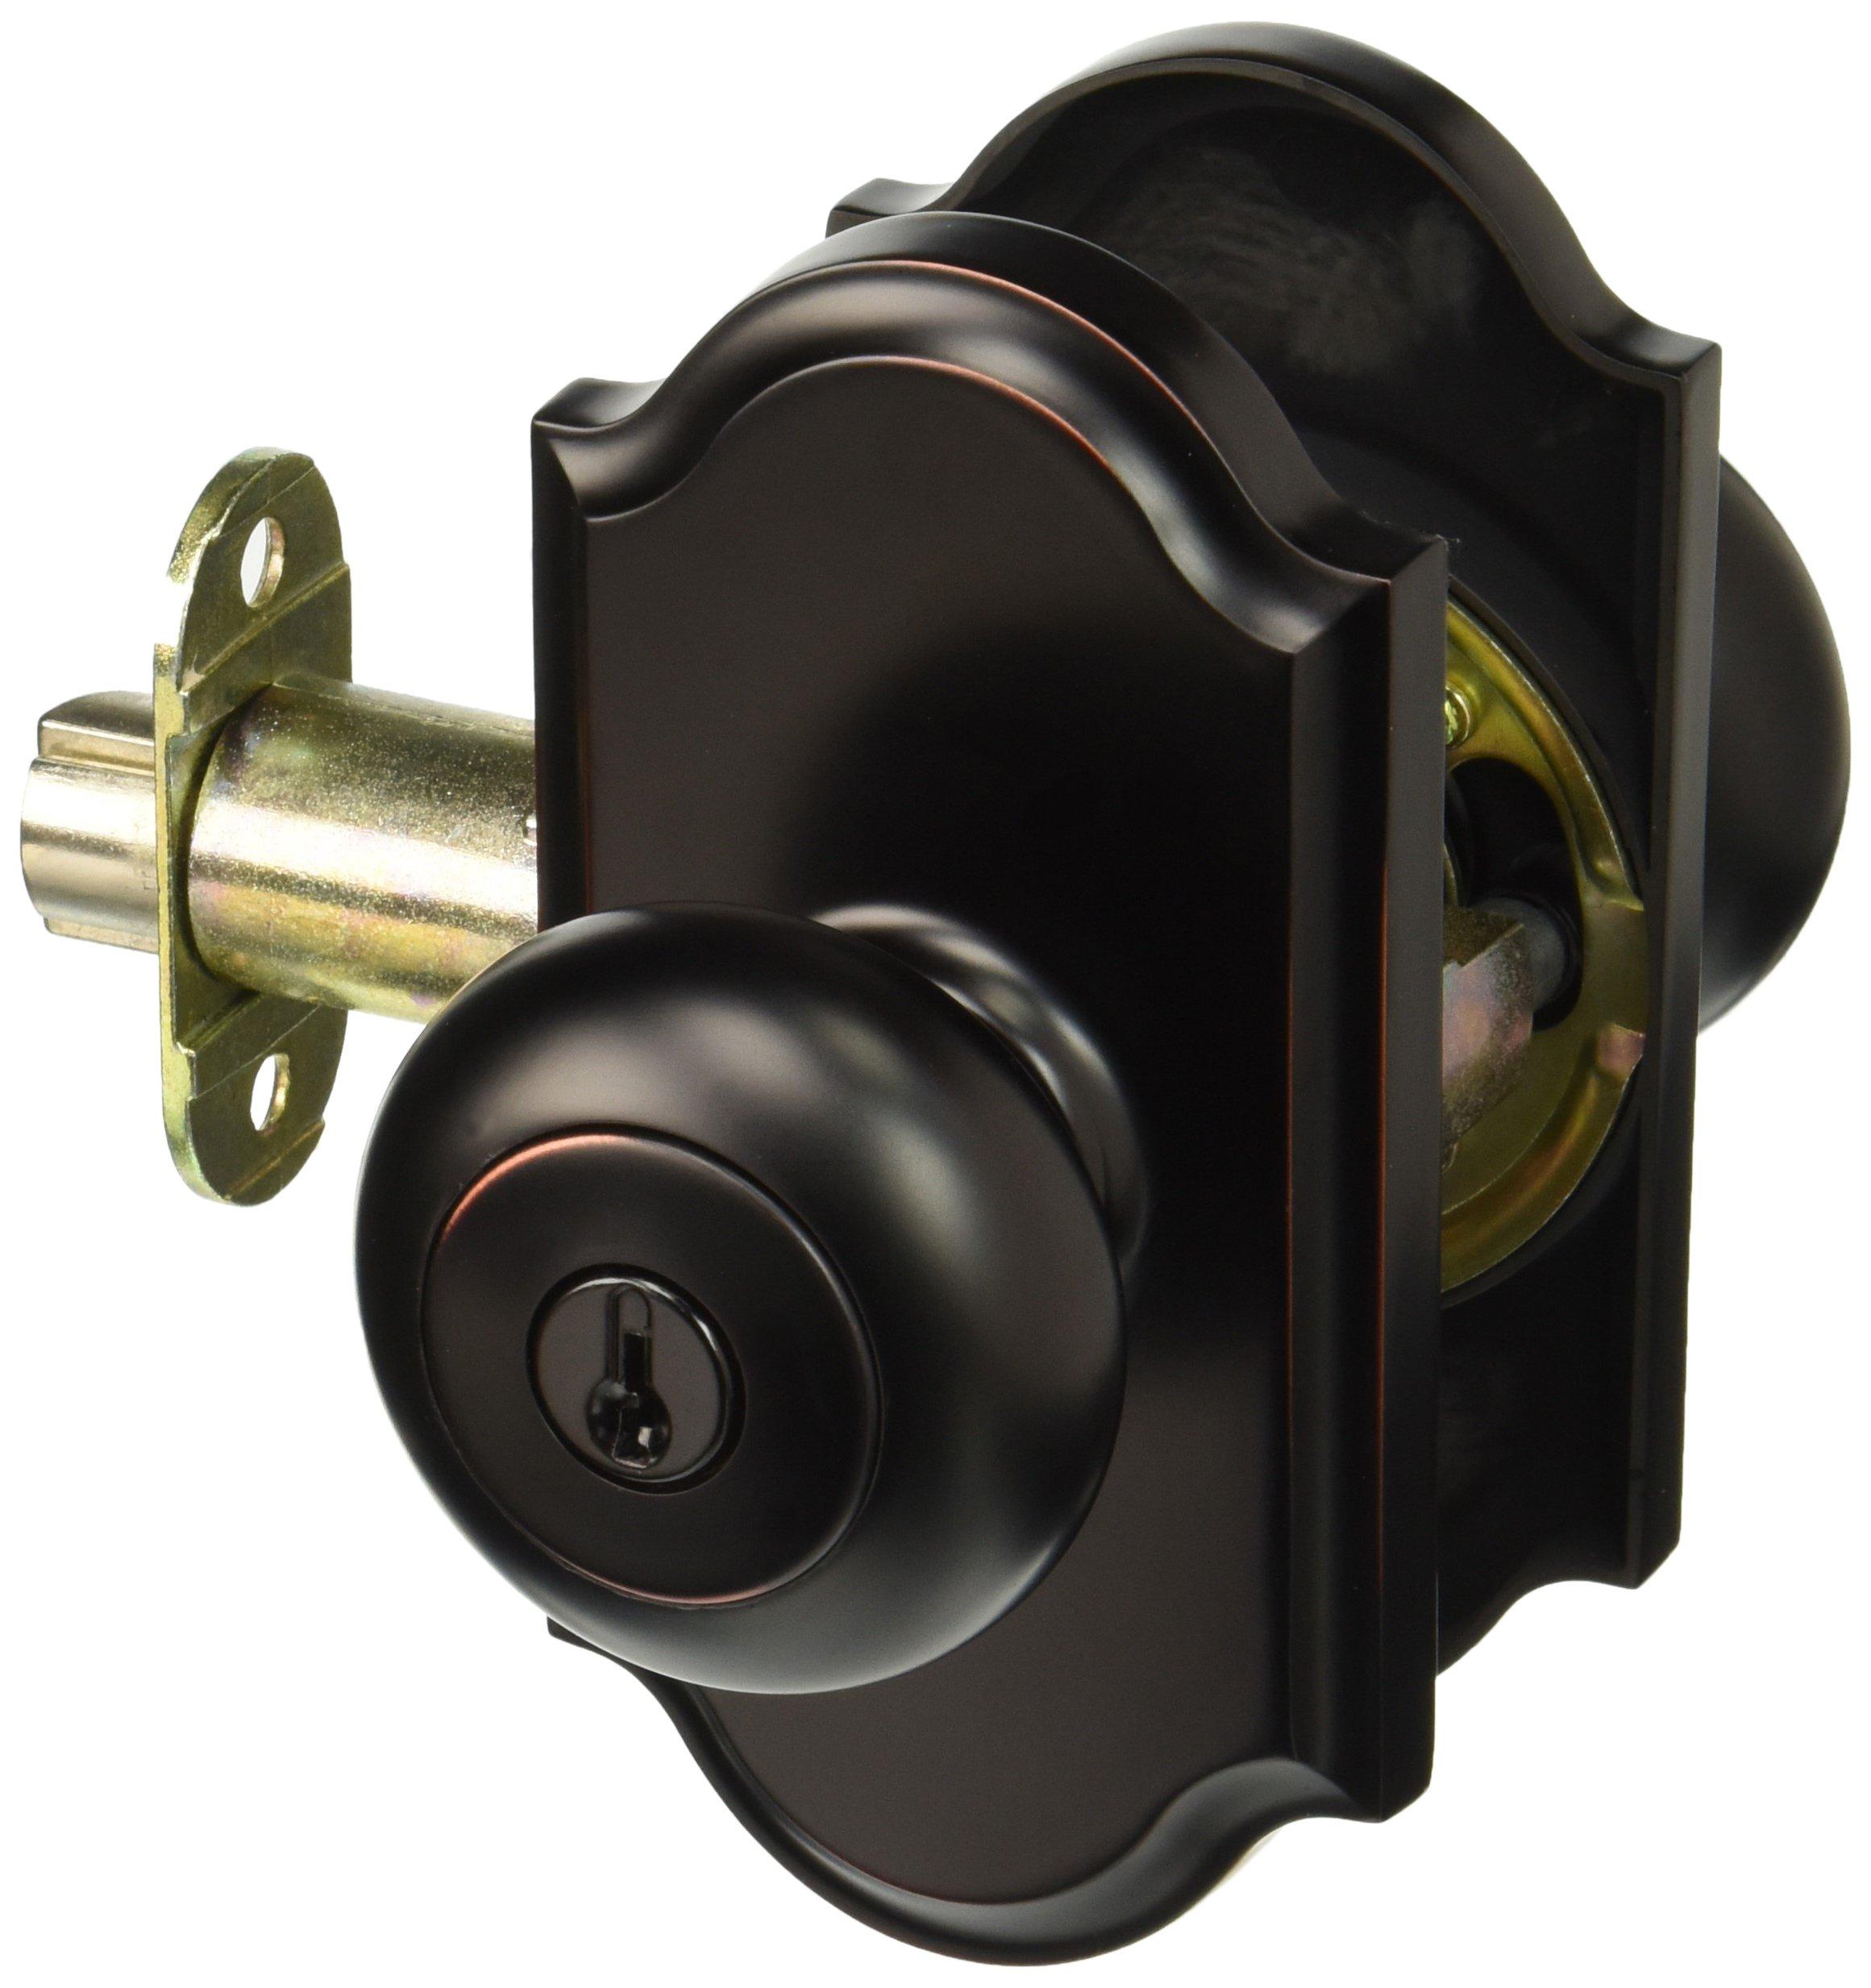 Weslock 01740I1I1SL23 Impresa Knob, Oil-Rubbed Bronze